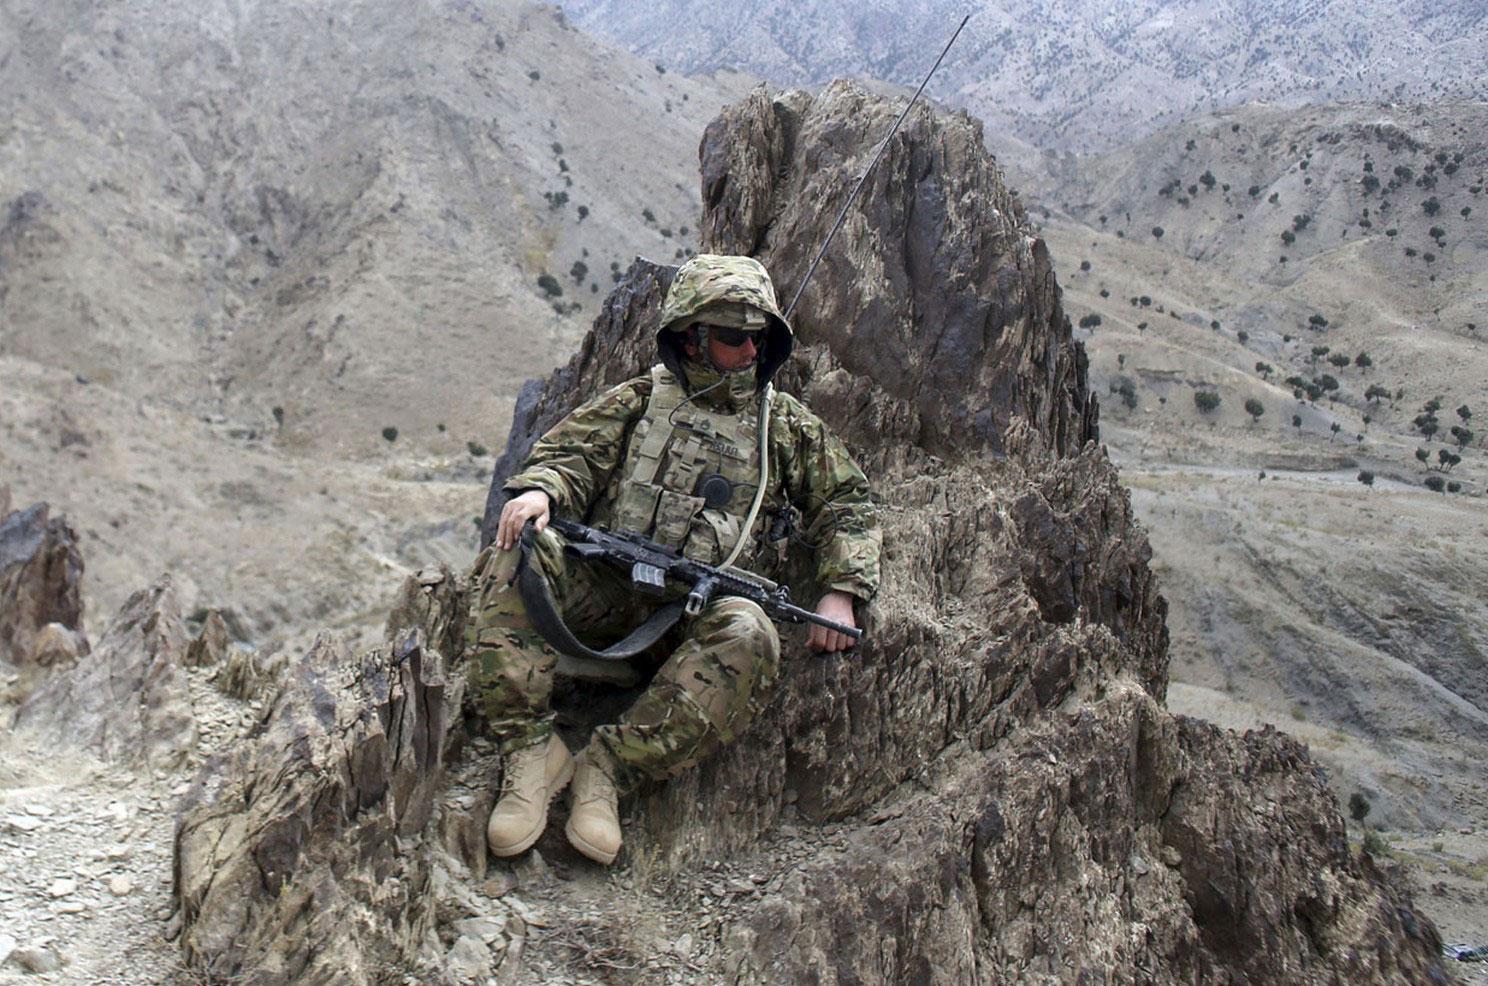 солдат США в засаде, фото из Афганистана